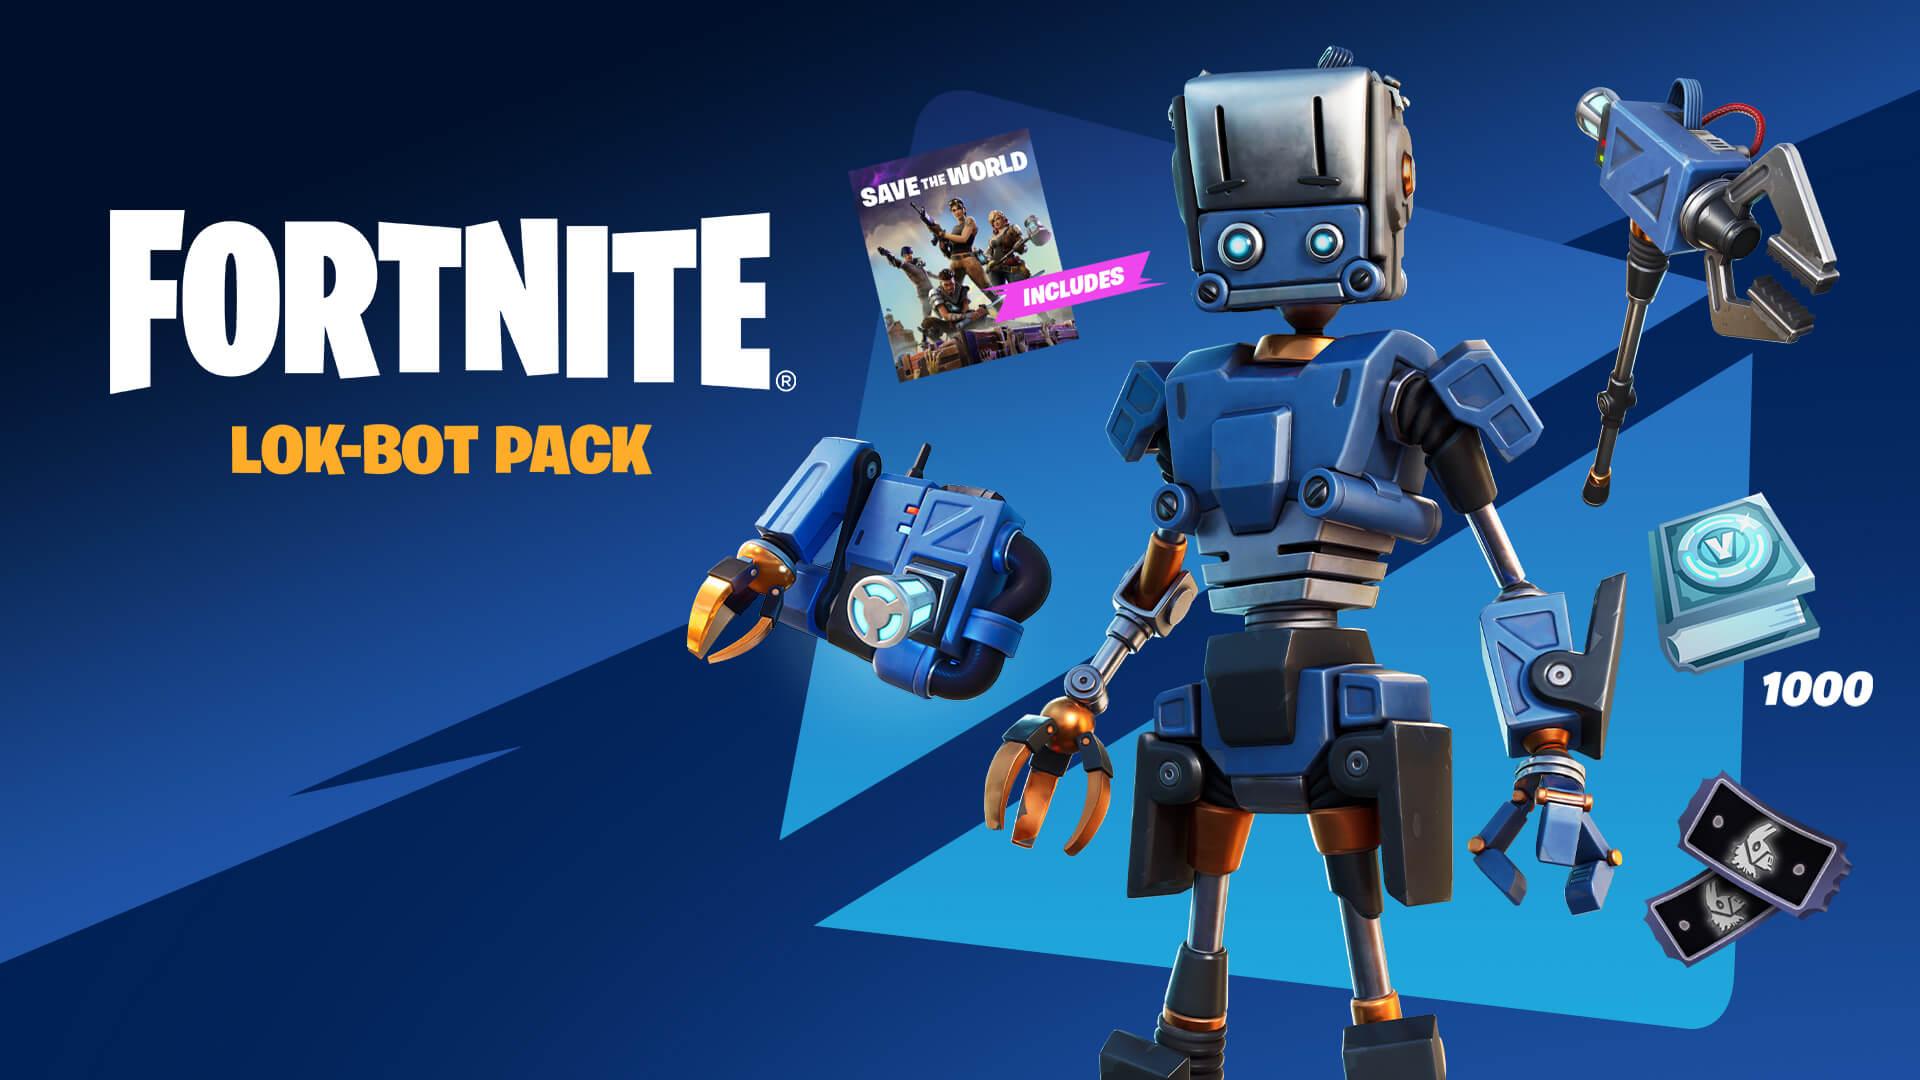 Fortnite Save the World Lok-Bot Pack EN